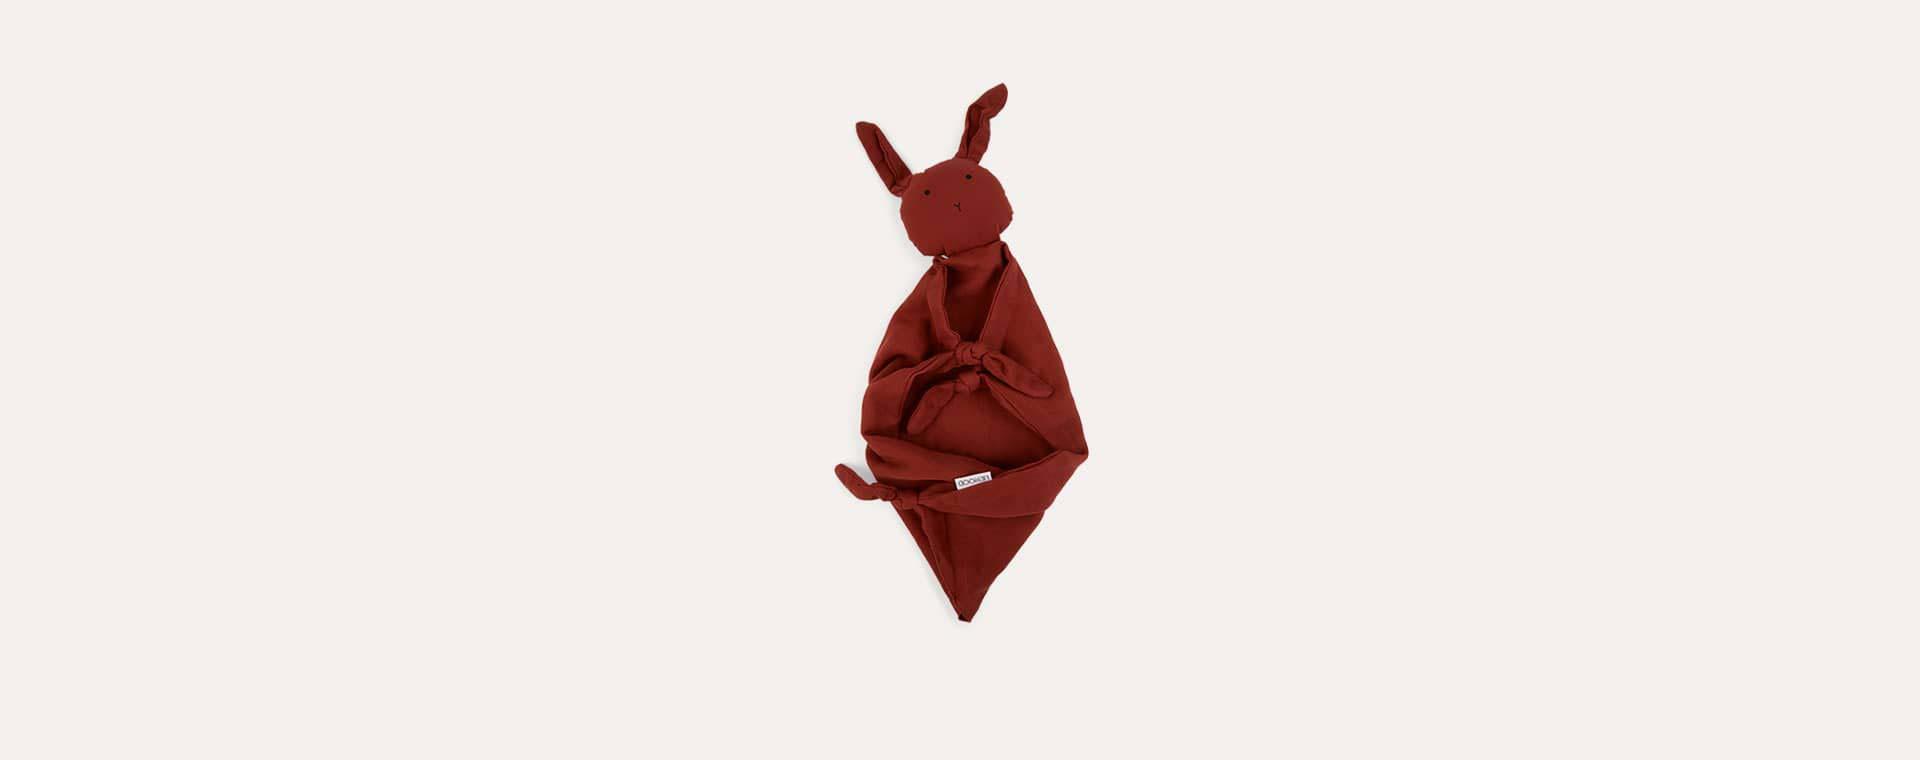 Rabbit Rusty Liewood Cuddle Teddy